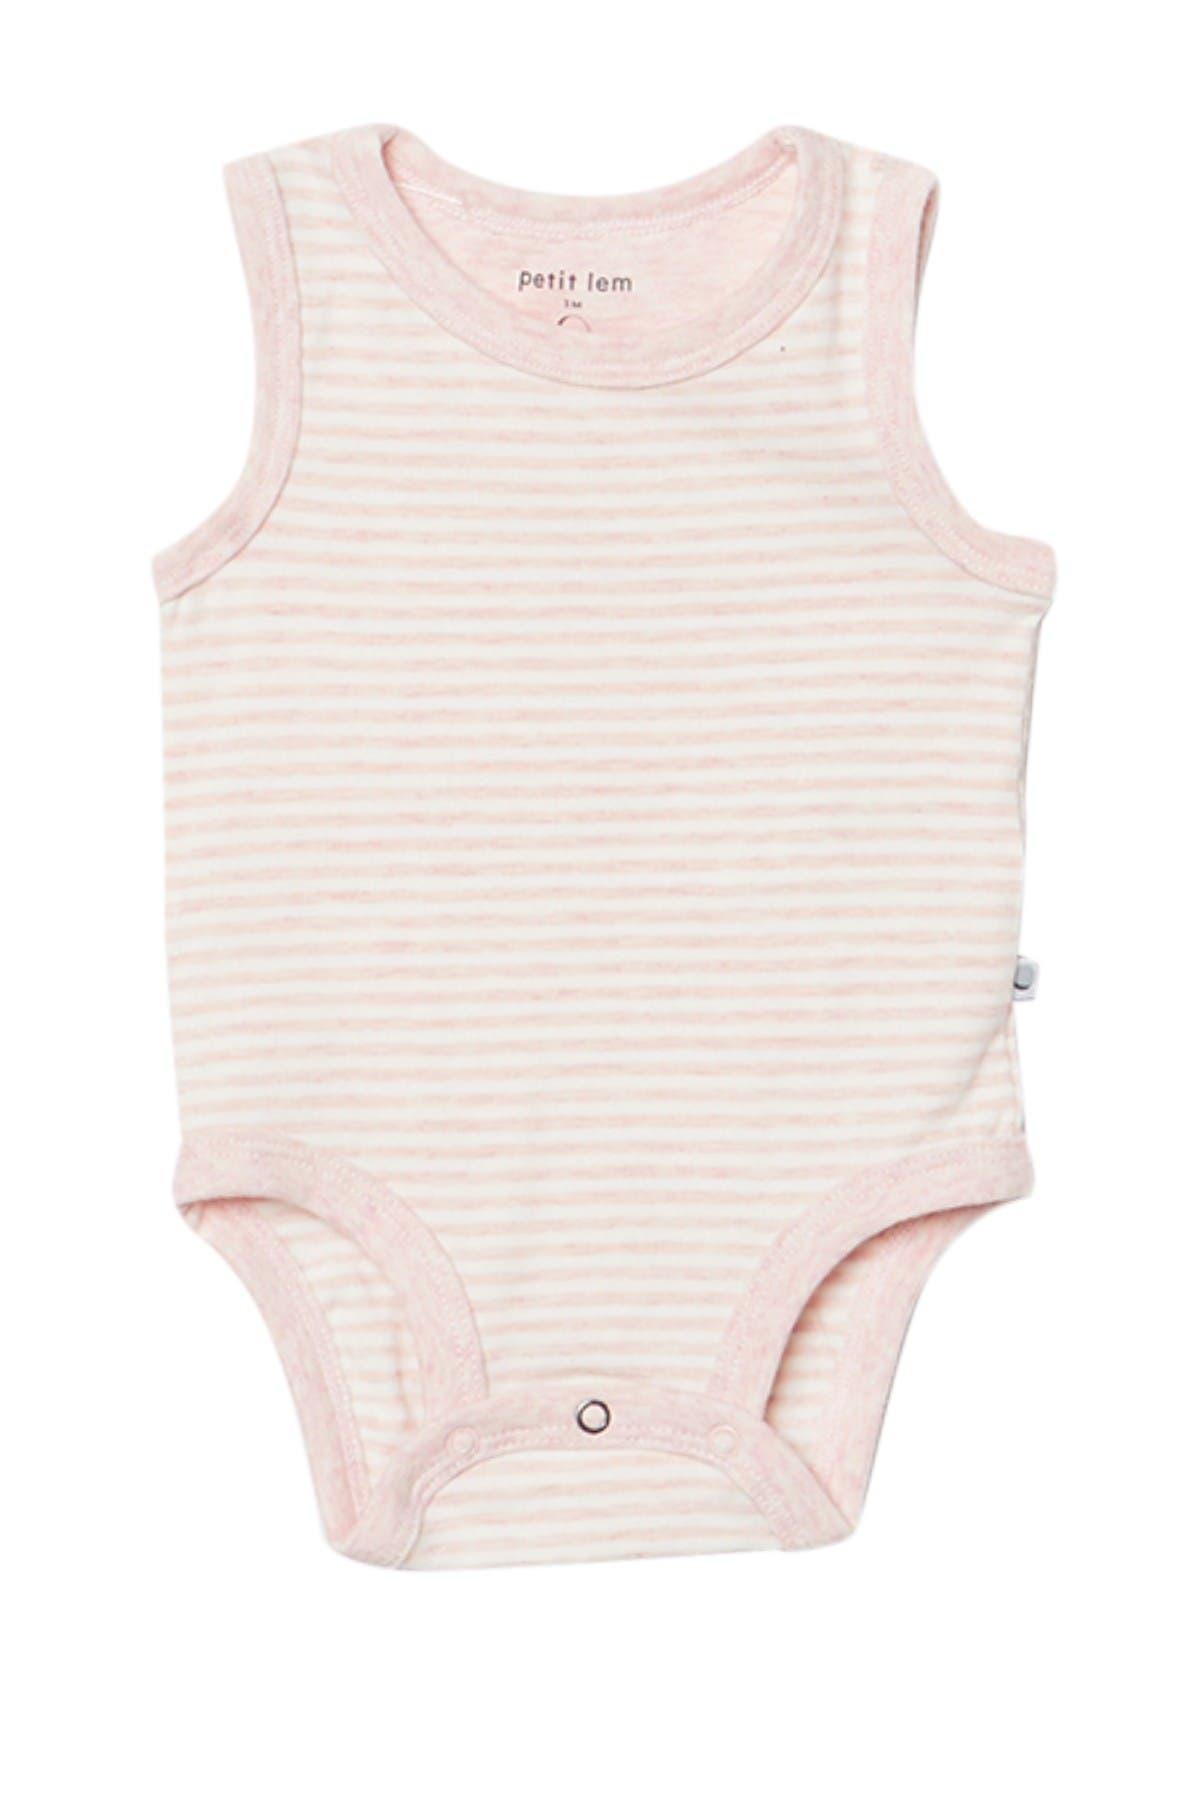 Image of Petit Lem Stripe Print Sleeveless Diaper Shirt